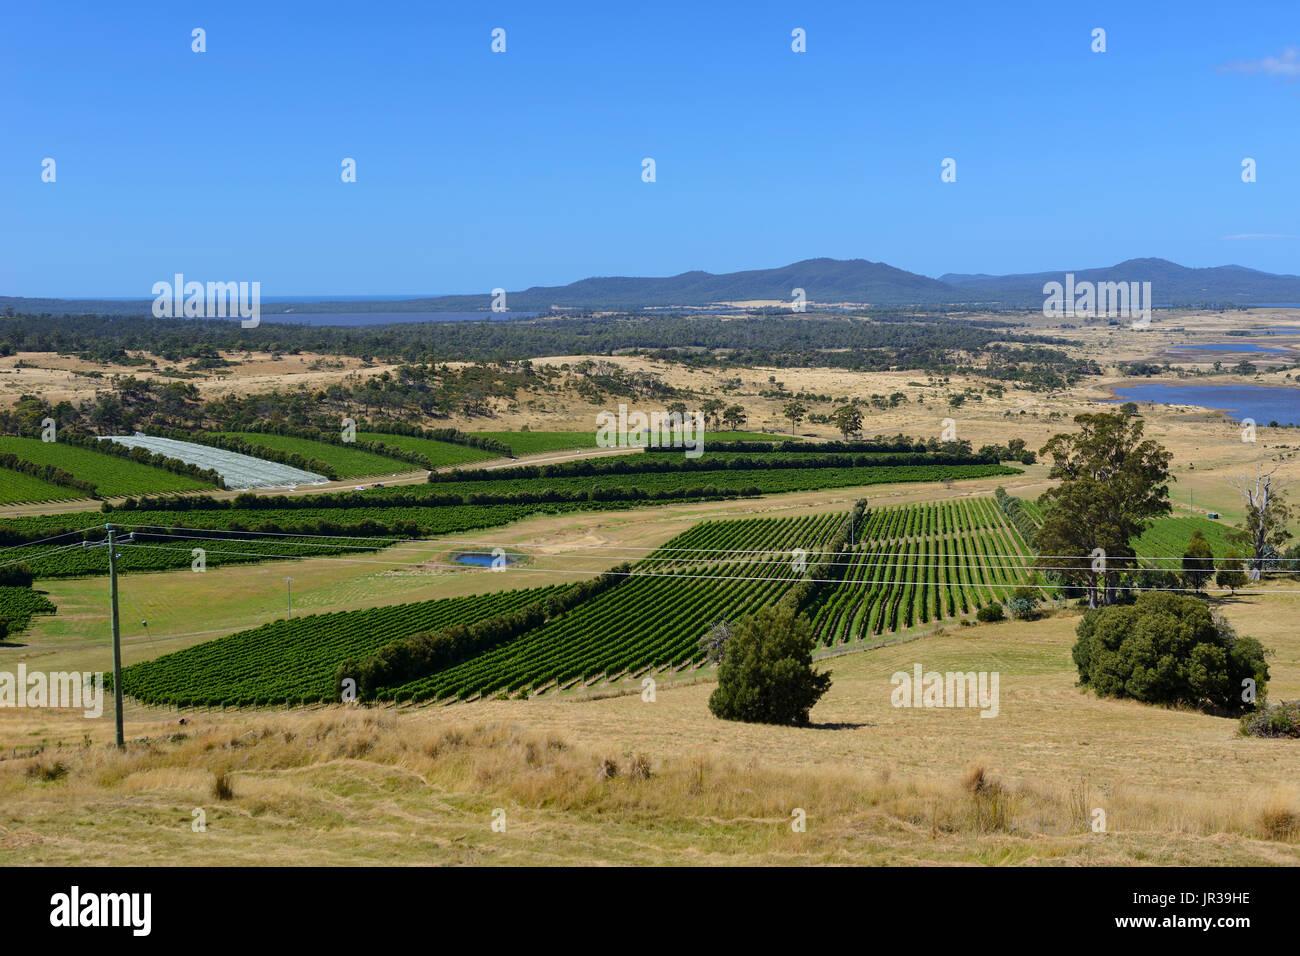 Vineyards around town of Apslawn on Tasman Highway on East Coast of Tasmania, Australia - Stock Image